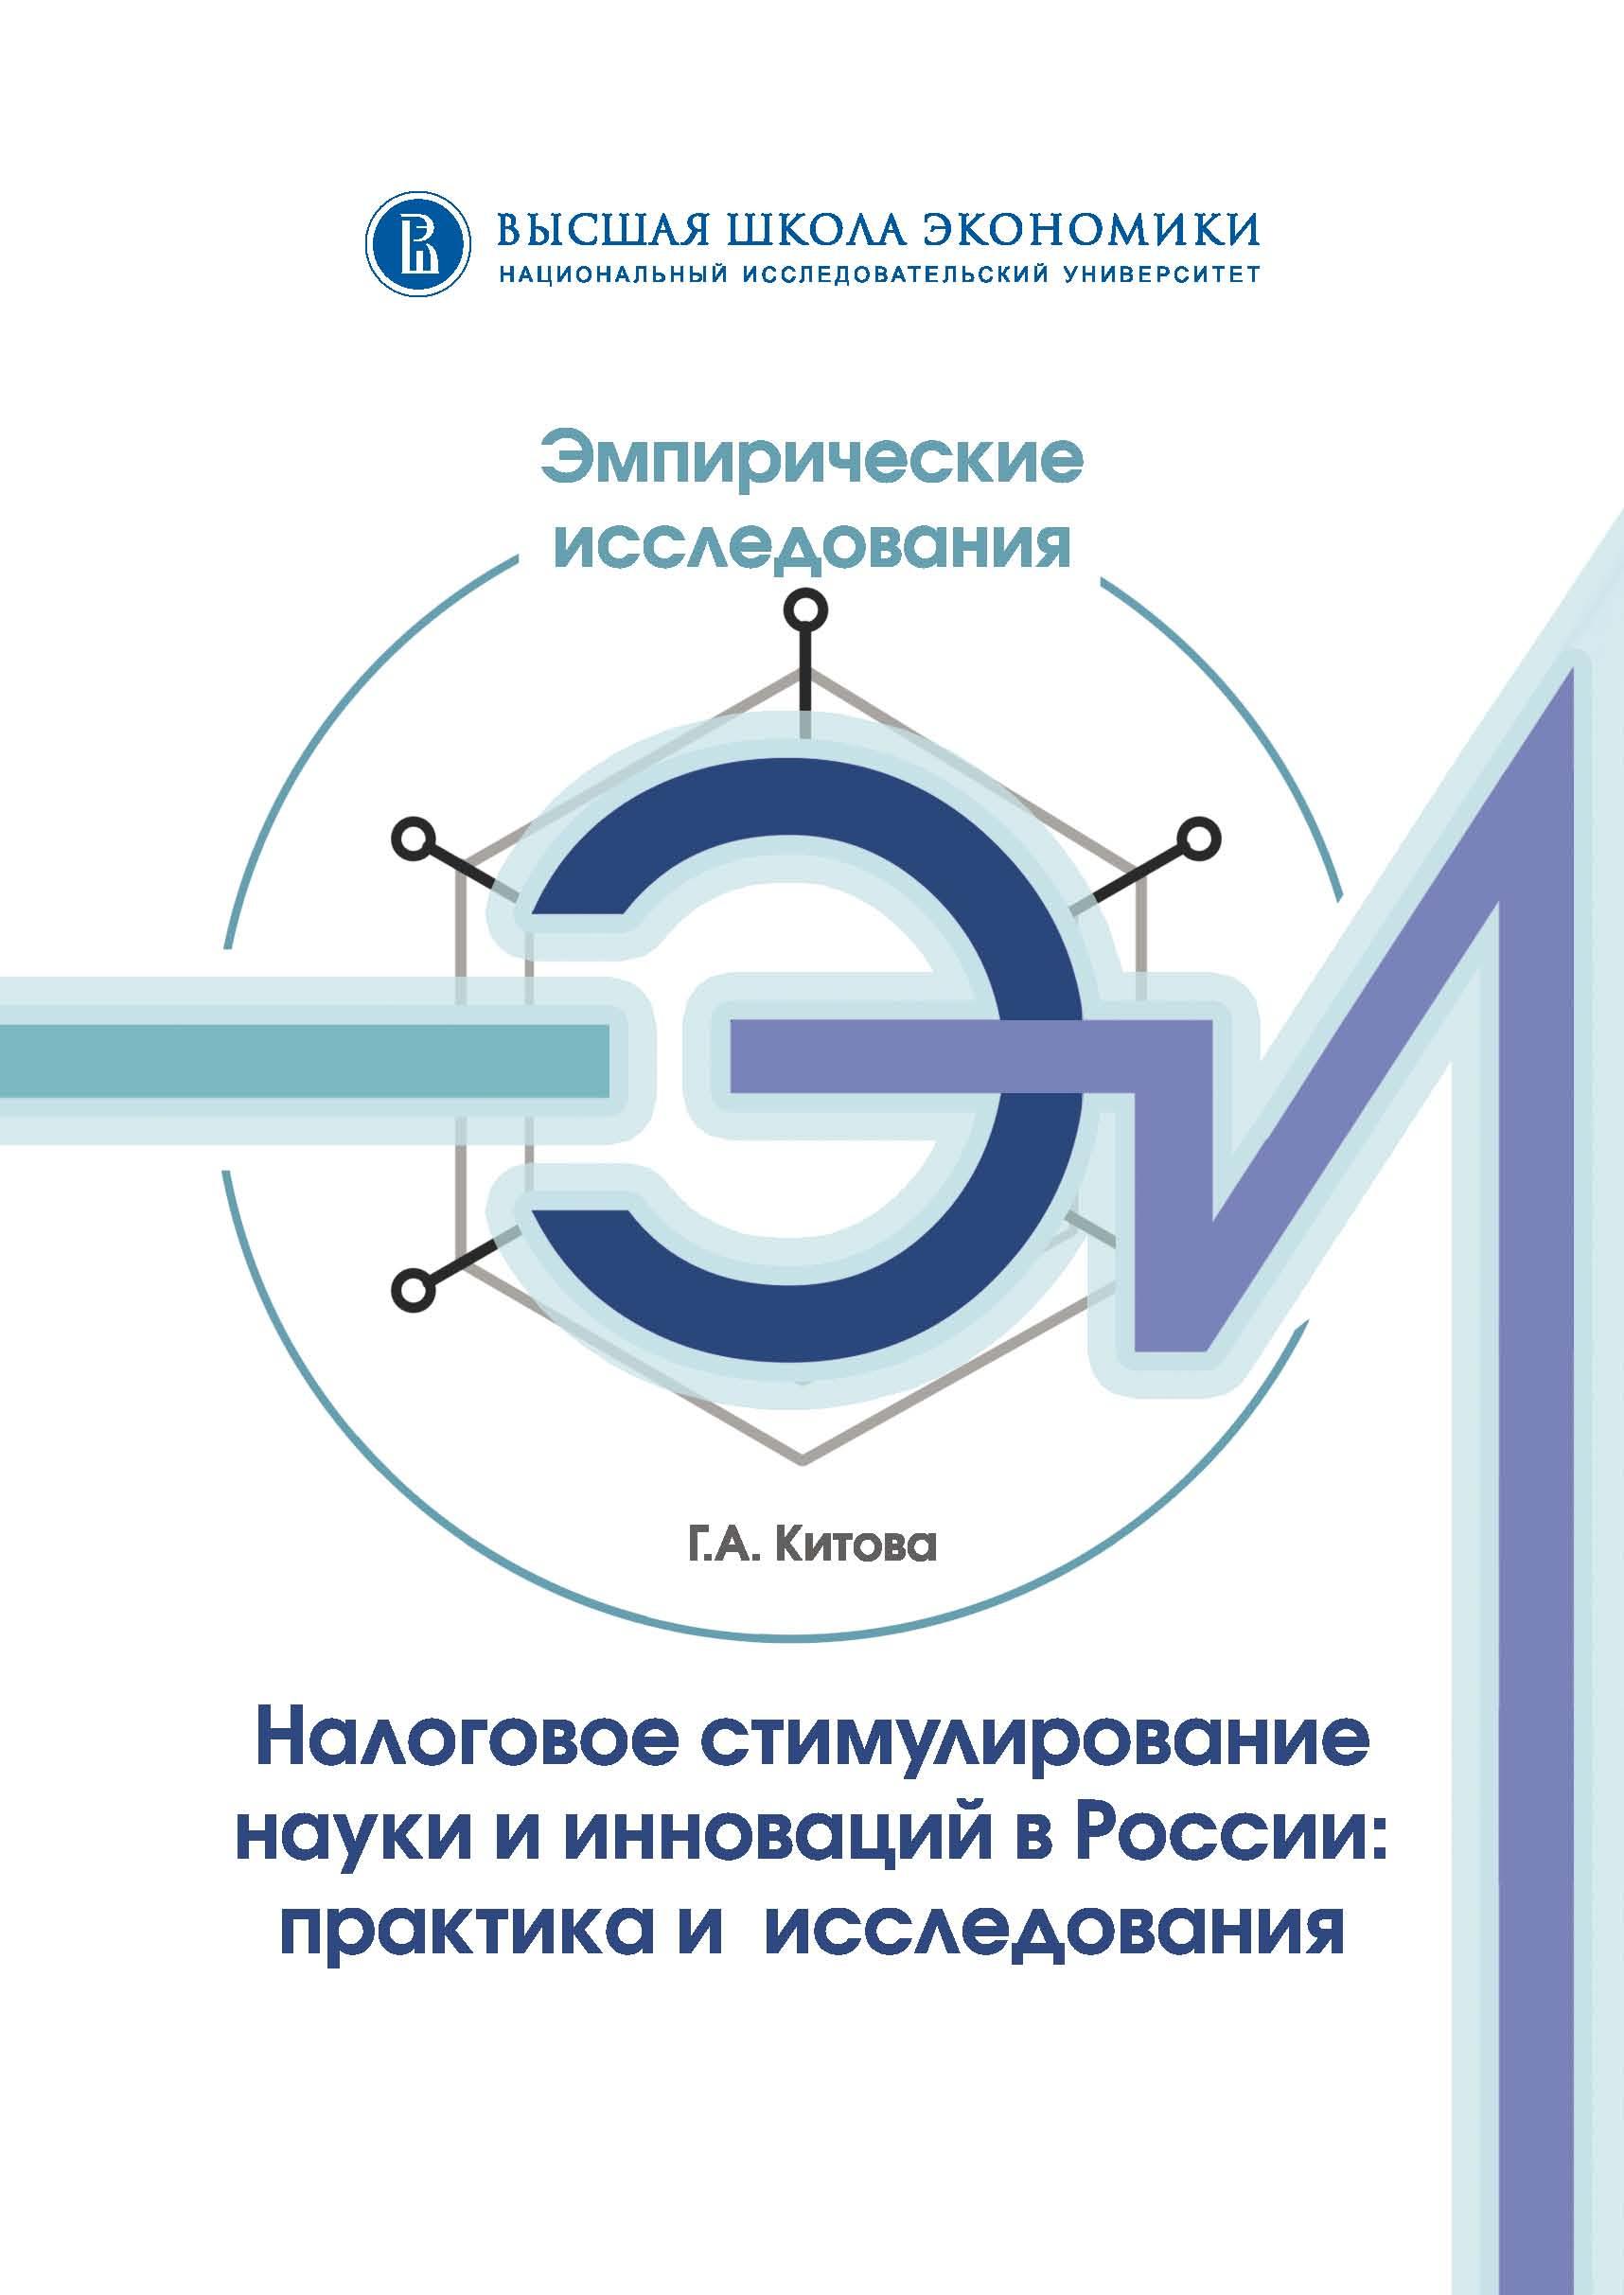 Налоговое стимулирование науки и инноваций в России: практика и исследования